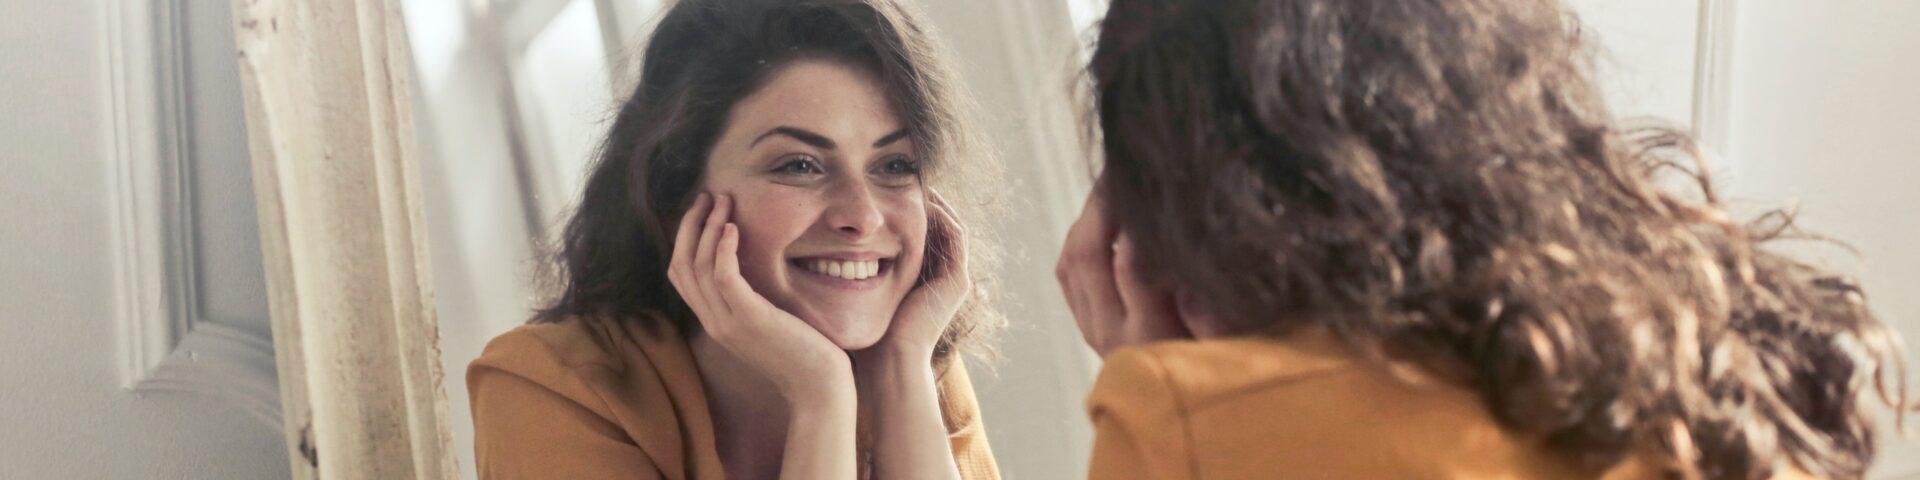 vrouw kijkt in de spiegel met zelfcompassie